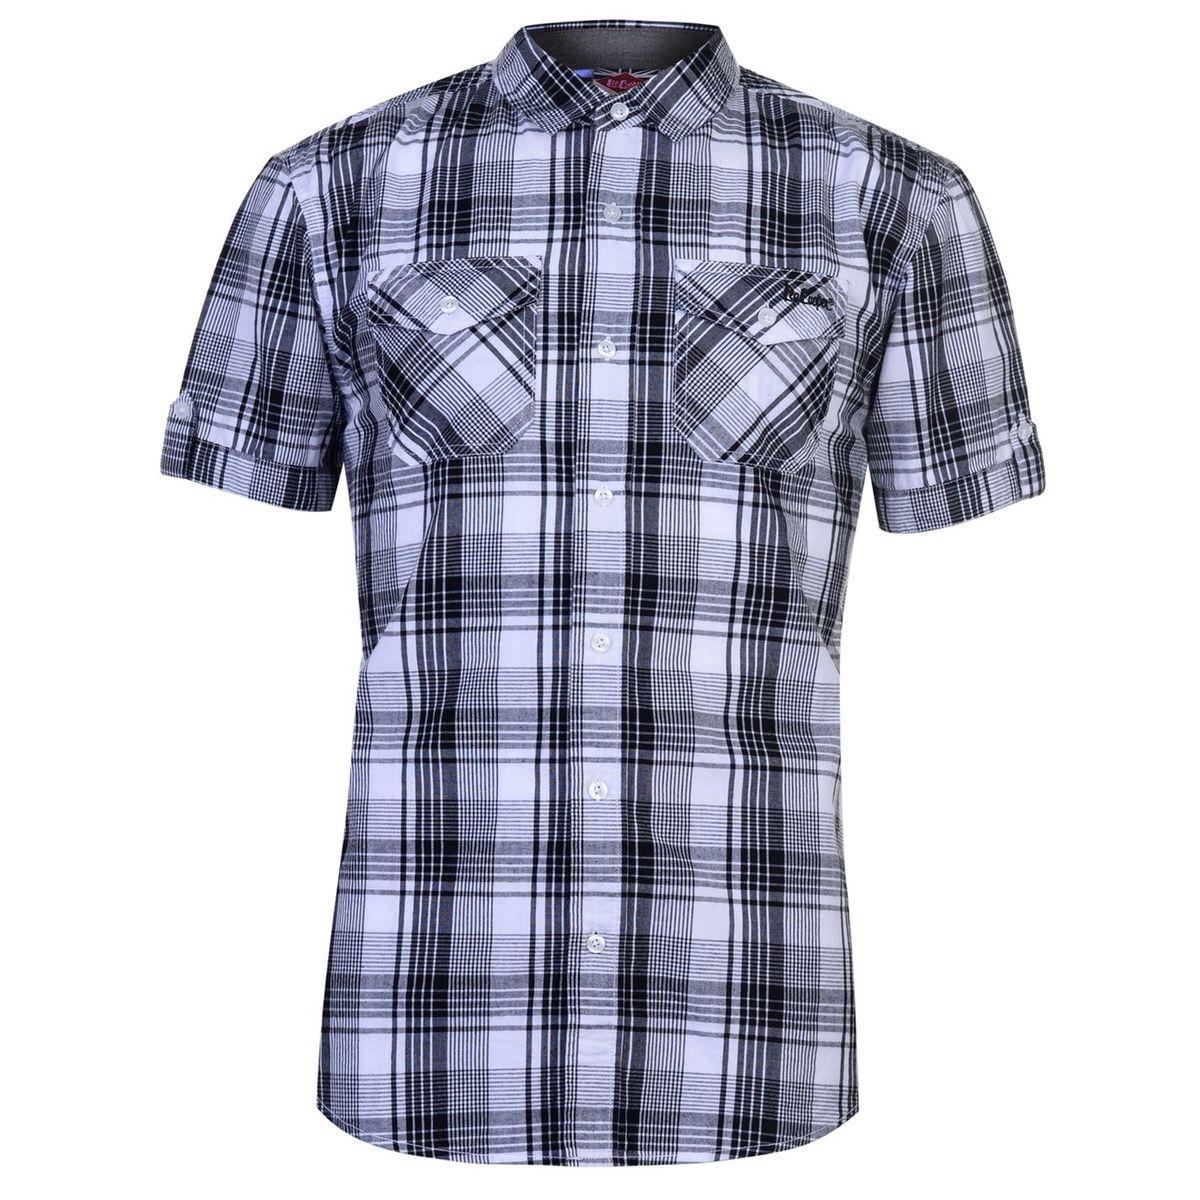 Chemise décontractée carrée manche courte